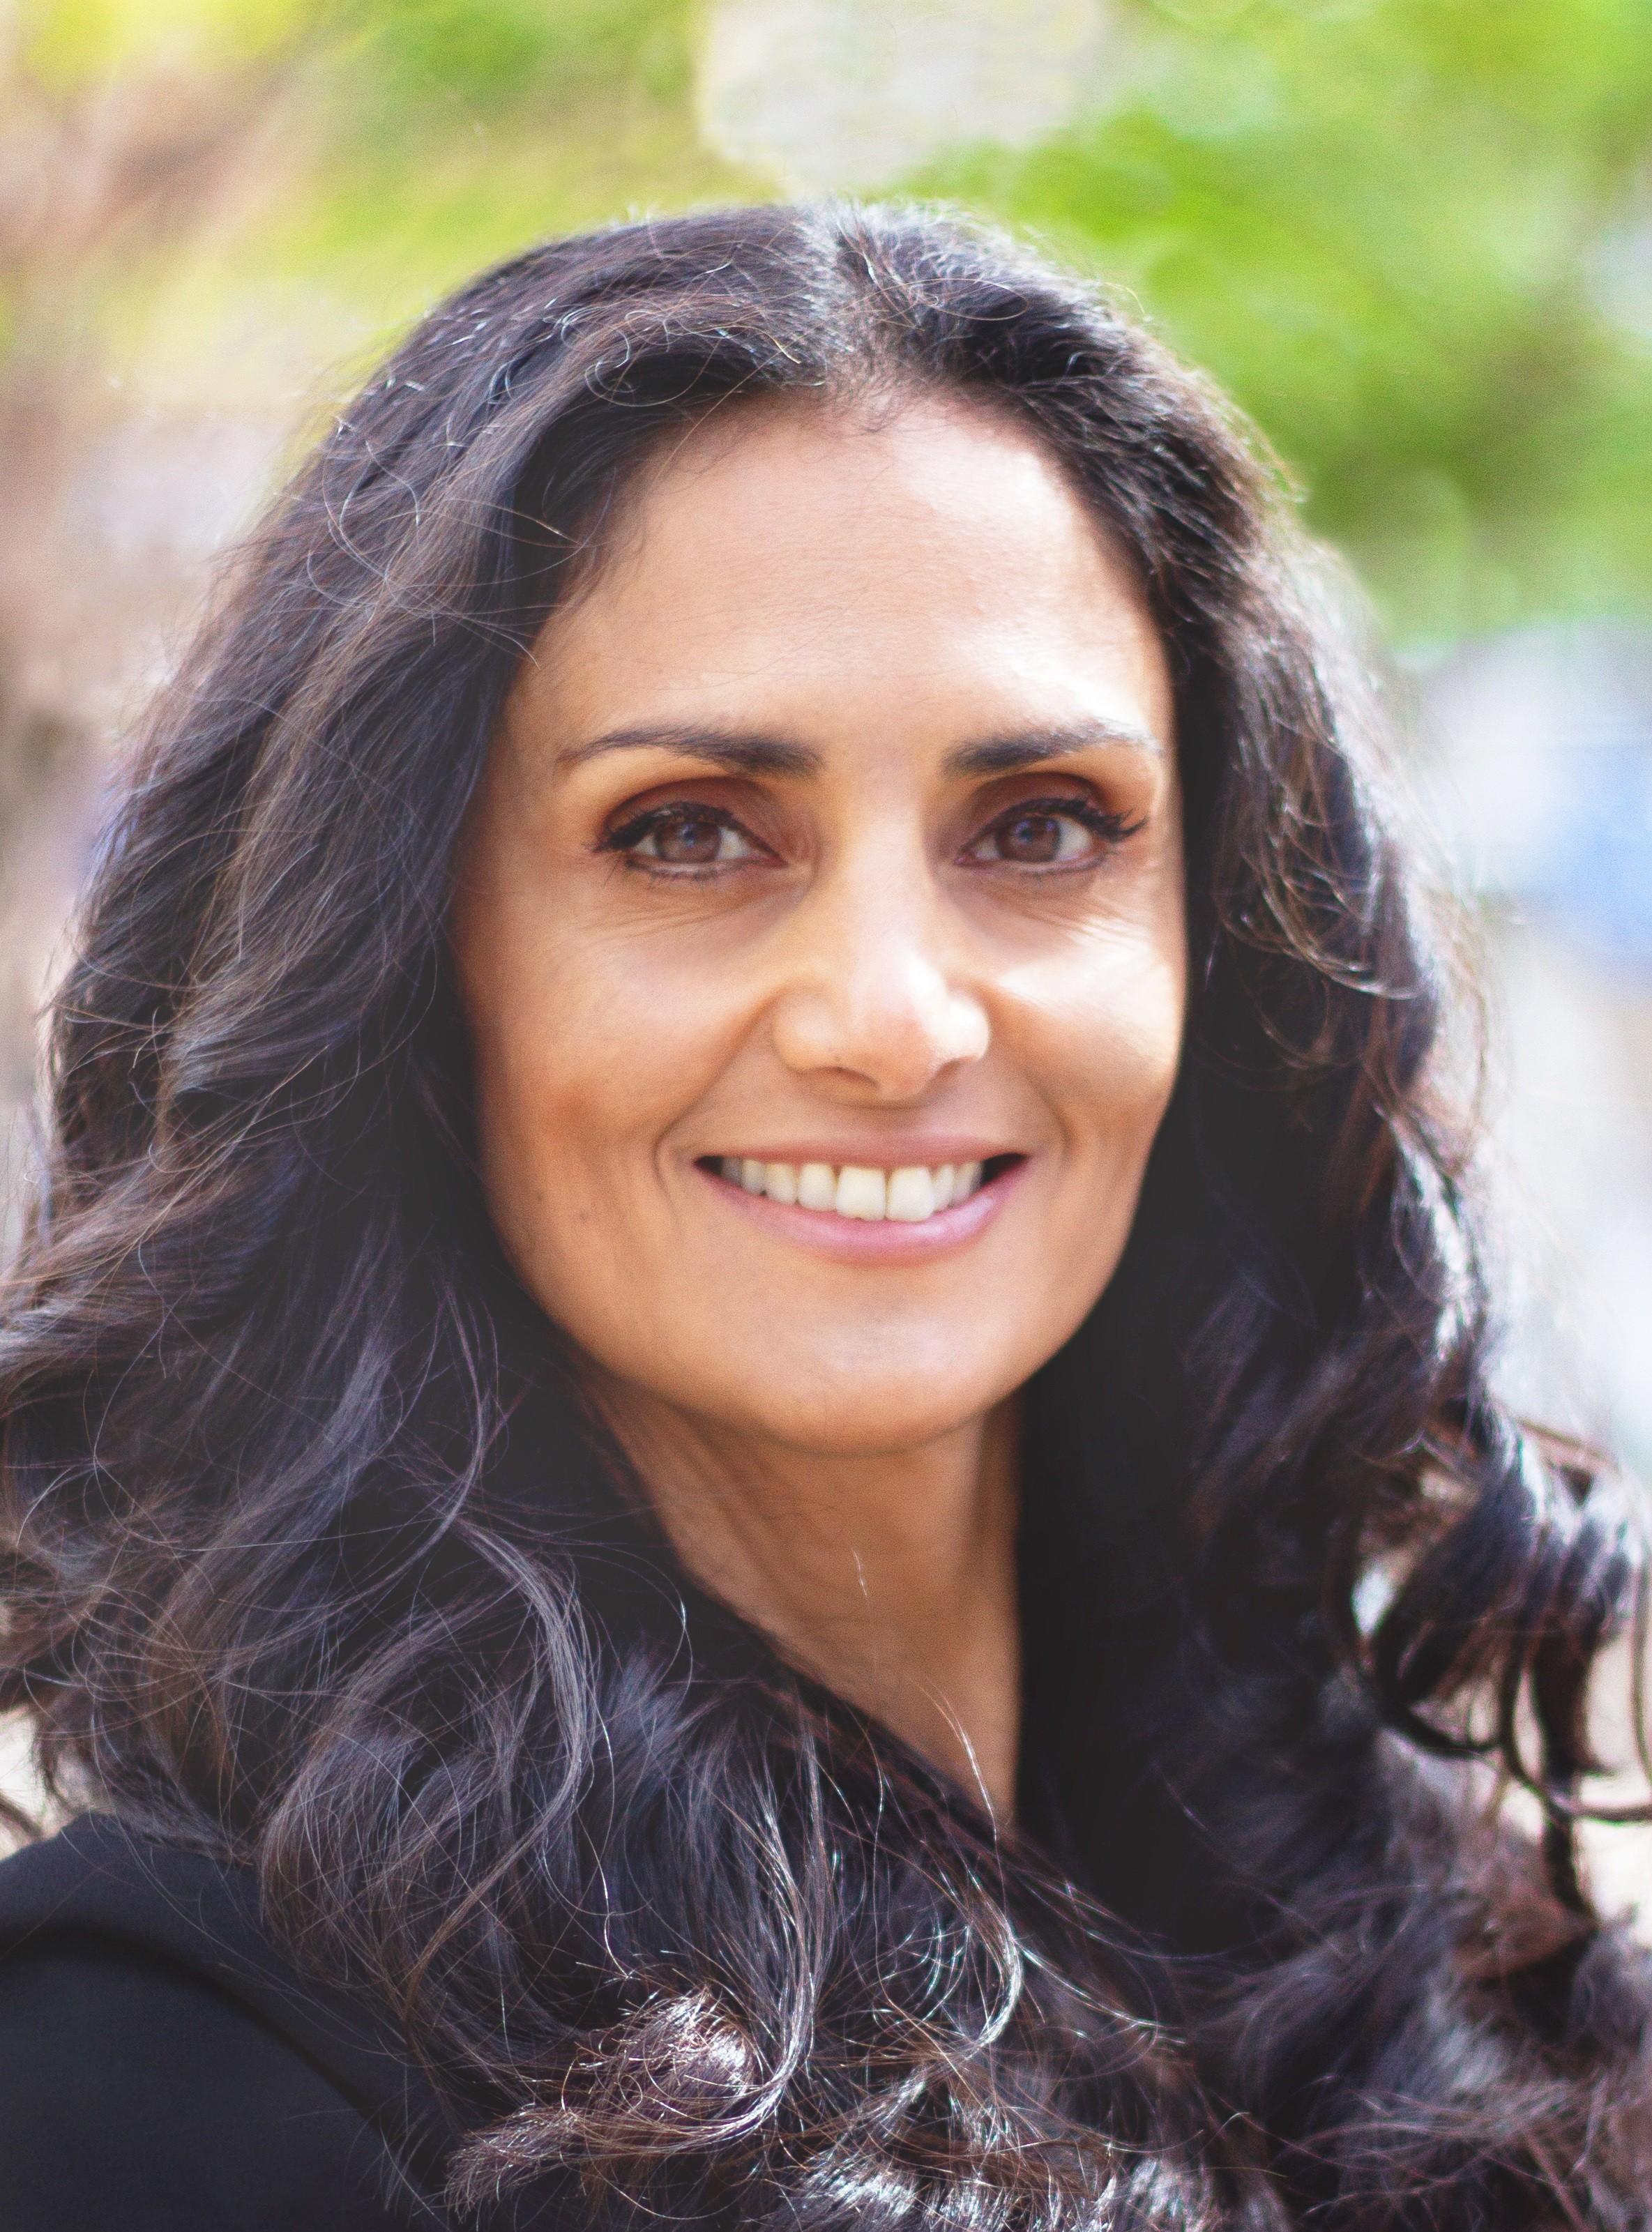 Claudia Lilian Quinteros Mussini